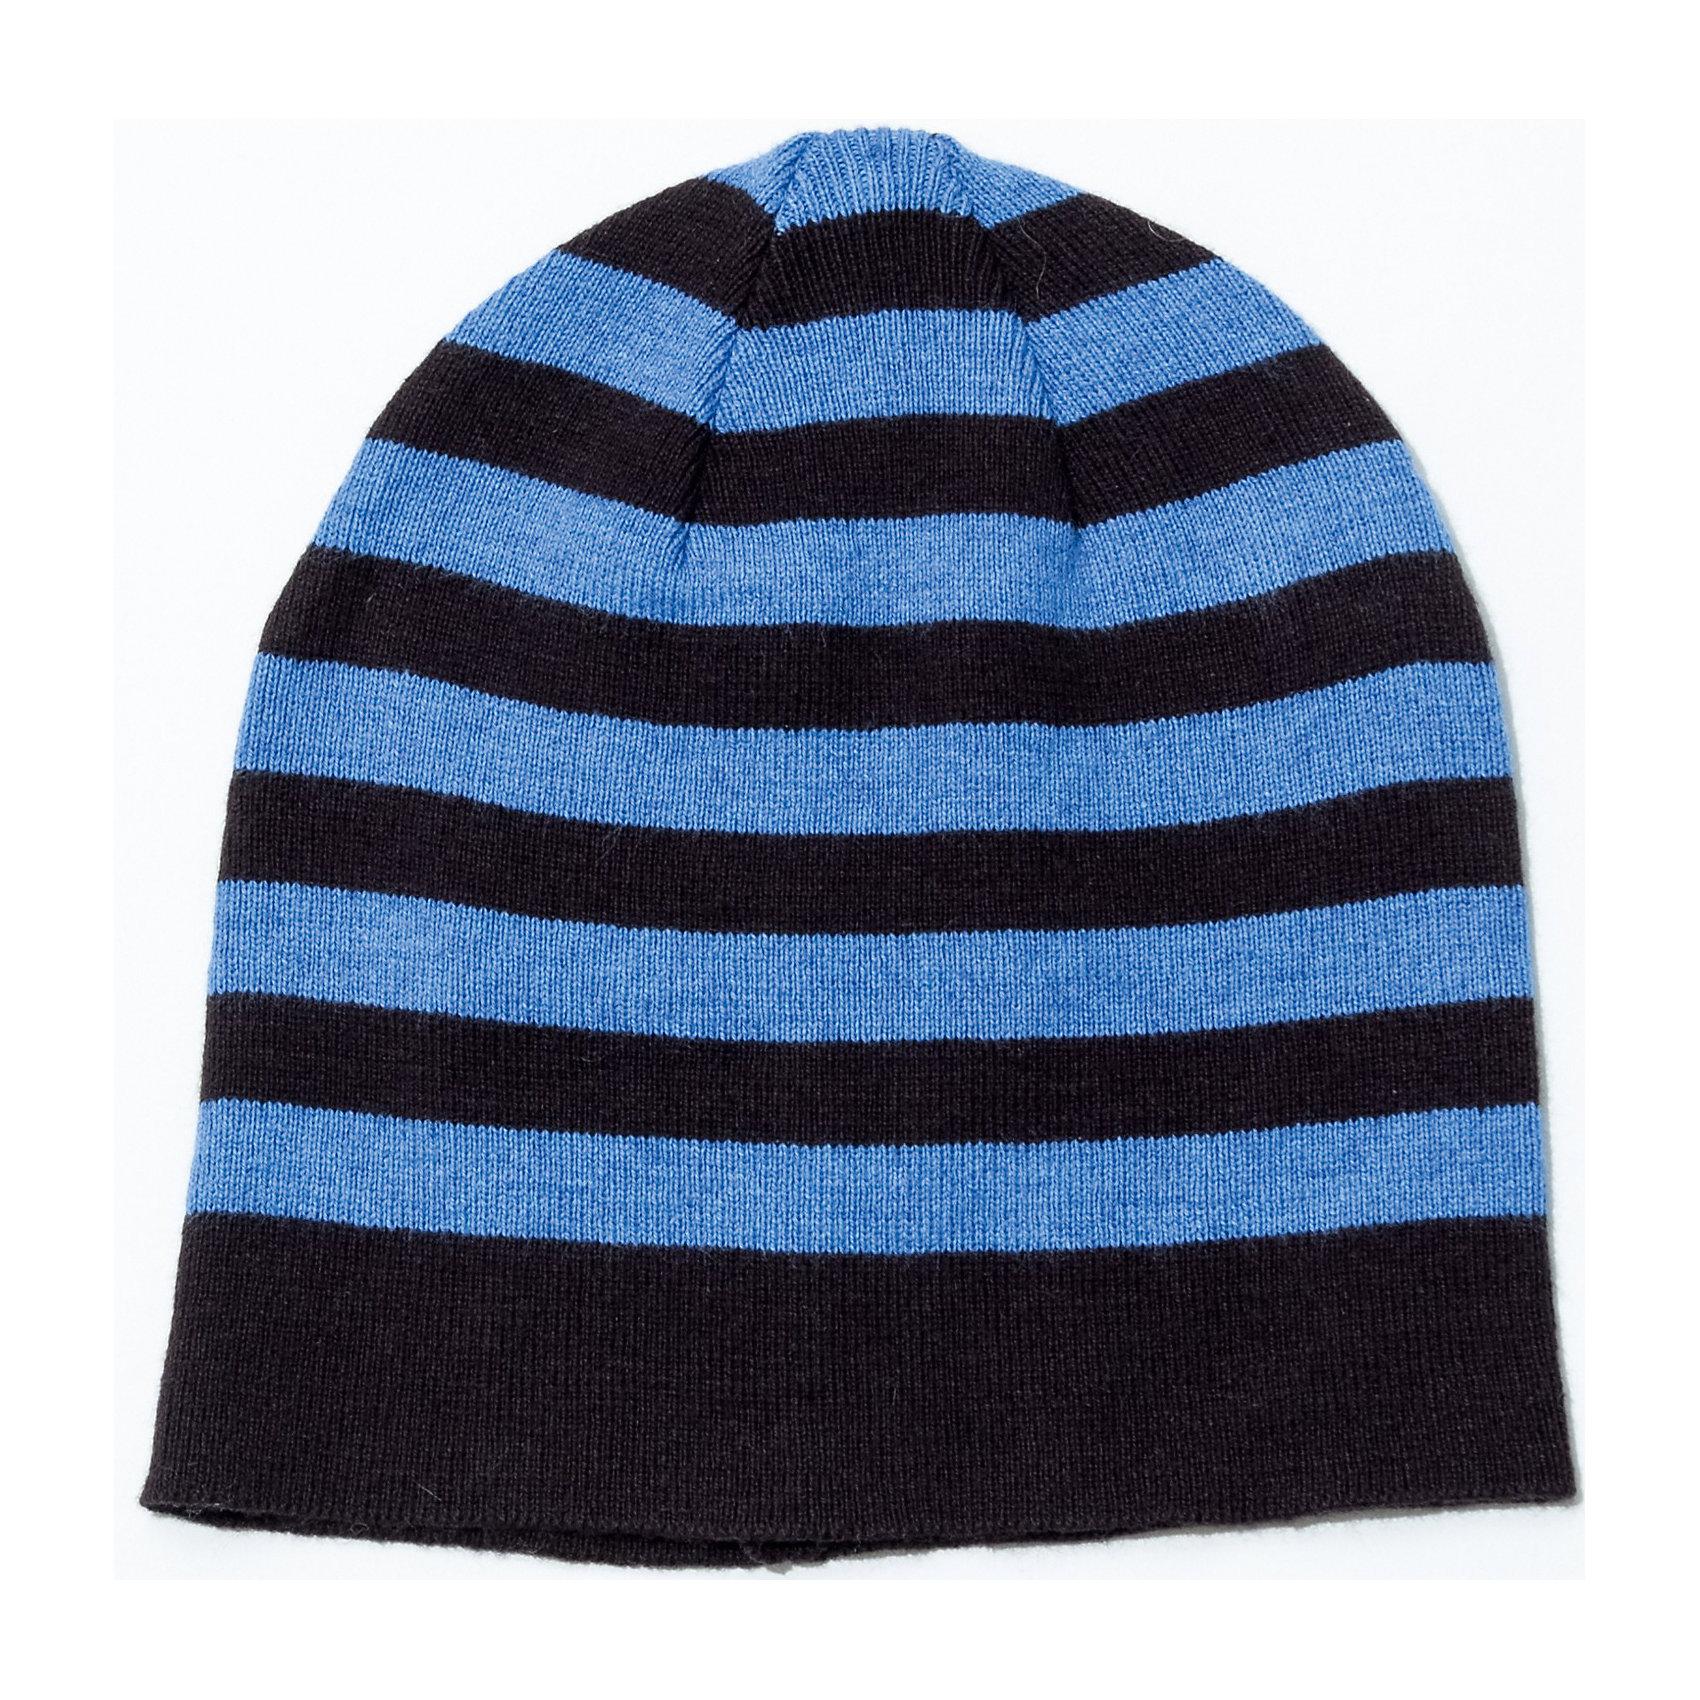 Шапка для мальчика SELAСимпатичная удобная шапка - незаменимая вещь в прохладное время года. Эта модель отлично сидит на ребенке, она сделана из плотного материала, позволяет гулять с комфортом на свежем воздухе зимой. Качественная пряжа не вызывает аллергии и обеспечивает ребенку комфорт. Модель будет уместна в различных сочетаниях.<br>Одежда от бренда Sela (Села) - это качество по приемлемым ценам. Многие российские родители уже оценили преимущества продукции этой компании и всё чаще приобретают одежду и аксессуары Sela.<br><br>Дополнительная информация:<br><br>цвет: разноцветный;<br>материал: 40% хлопок, 35% вискоза, 20% ПЭ, 5% шерсть;<br>вязаный узор.<br><br>Шапку для мальчика от бренда Sela можно купить в нашем интернет-магазине.<br><br>Ширина мм: 89<br>Глубина мм: 117<br>Высота мм: 44<br>Вес г: 155<br>Цвет: голубой<br>Возраст от месяцев: 84<br>Возраст до месяцев: 120<br>Пол: Мужской<br>Возраст: Детский<br>Размер: 54-56,52-54<br>SKU: 4943993